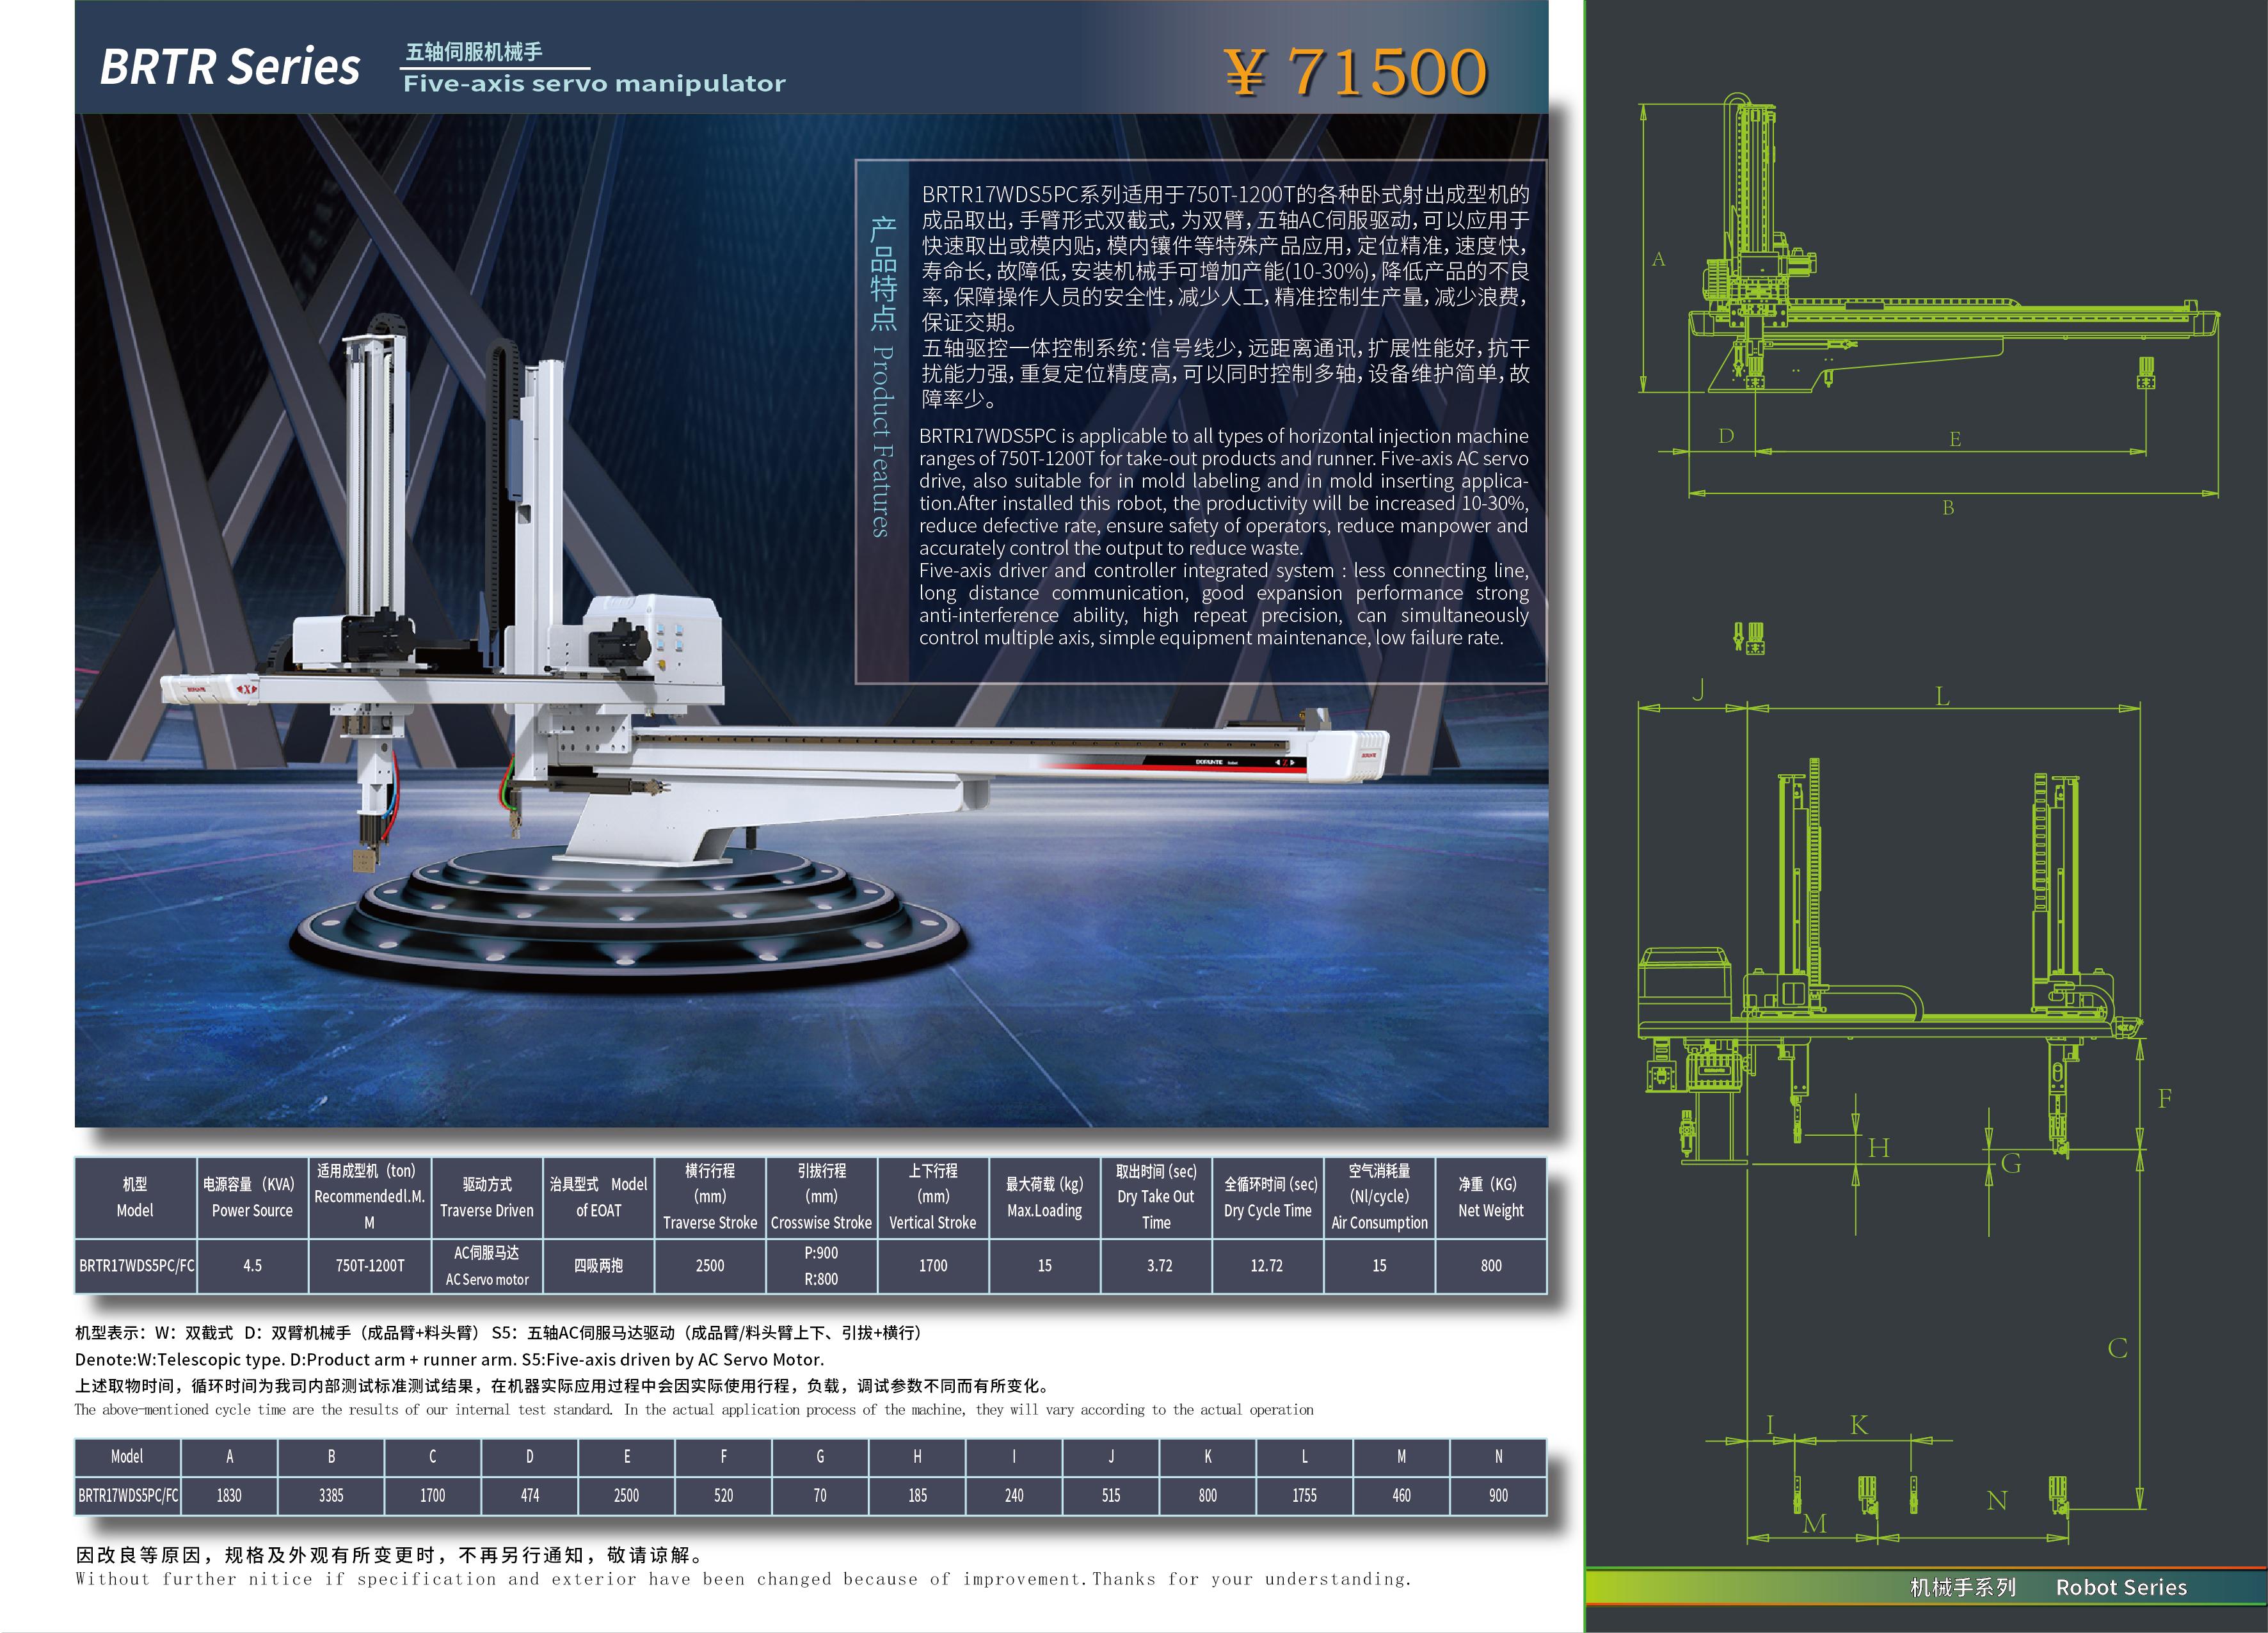 五軸伺服機械手BRTR17WDS5PC.jpg